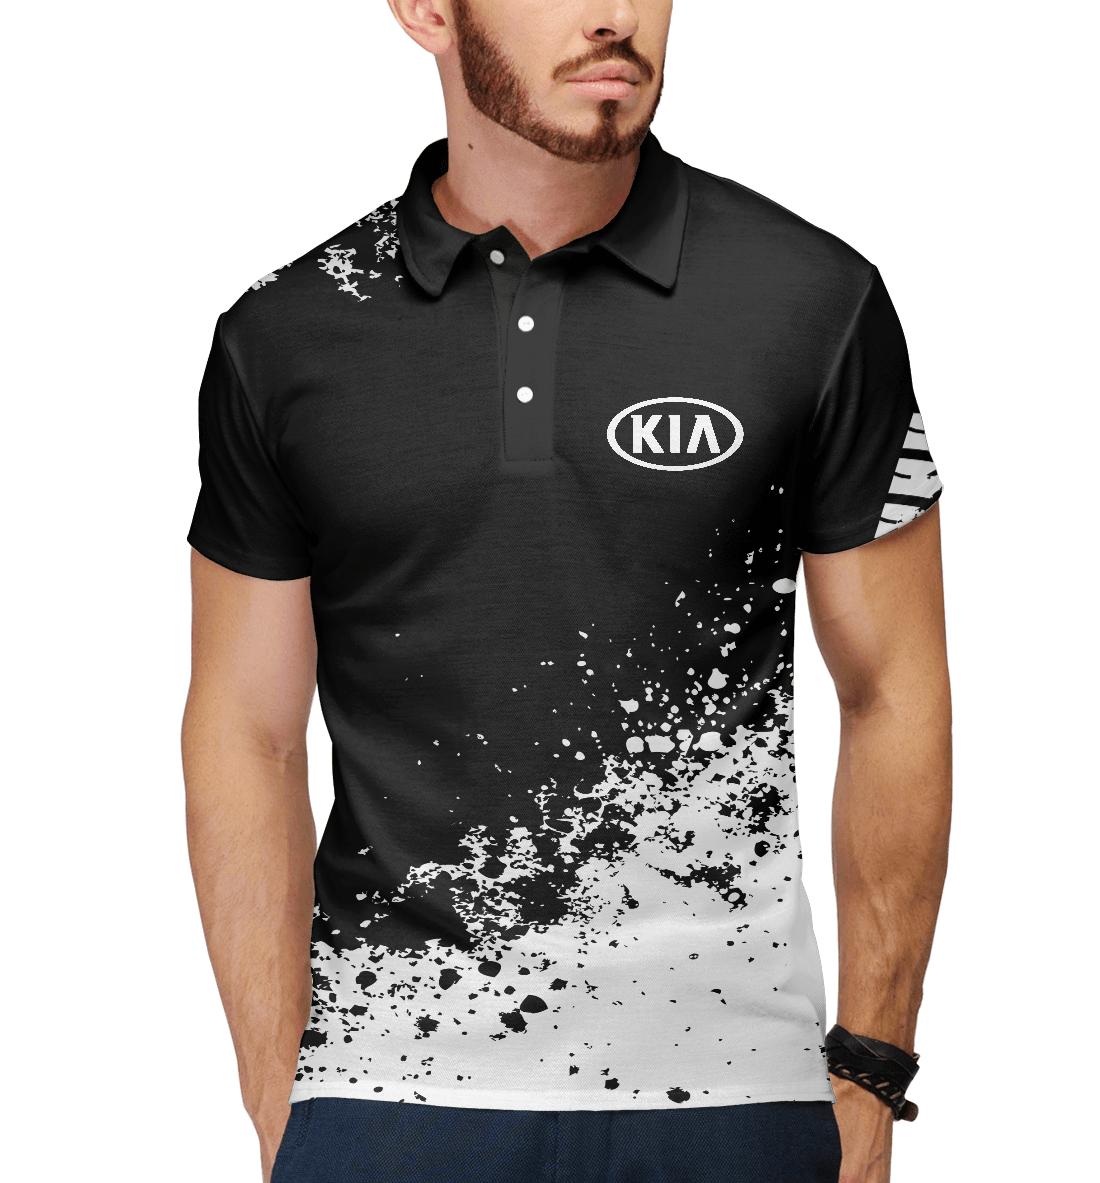 Купить Kia abstract sport uniform, Printbar, Поло, AMP-137239-pol-2